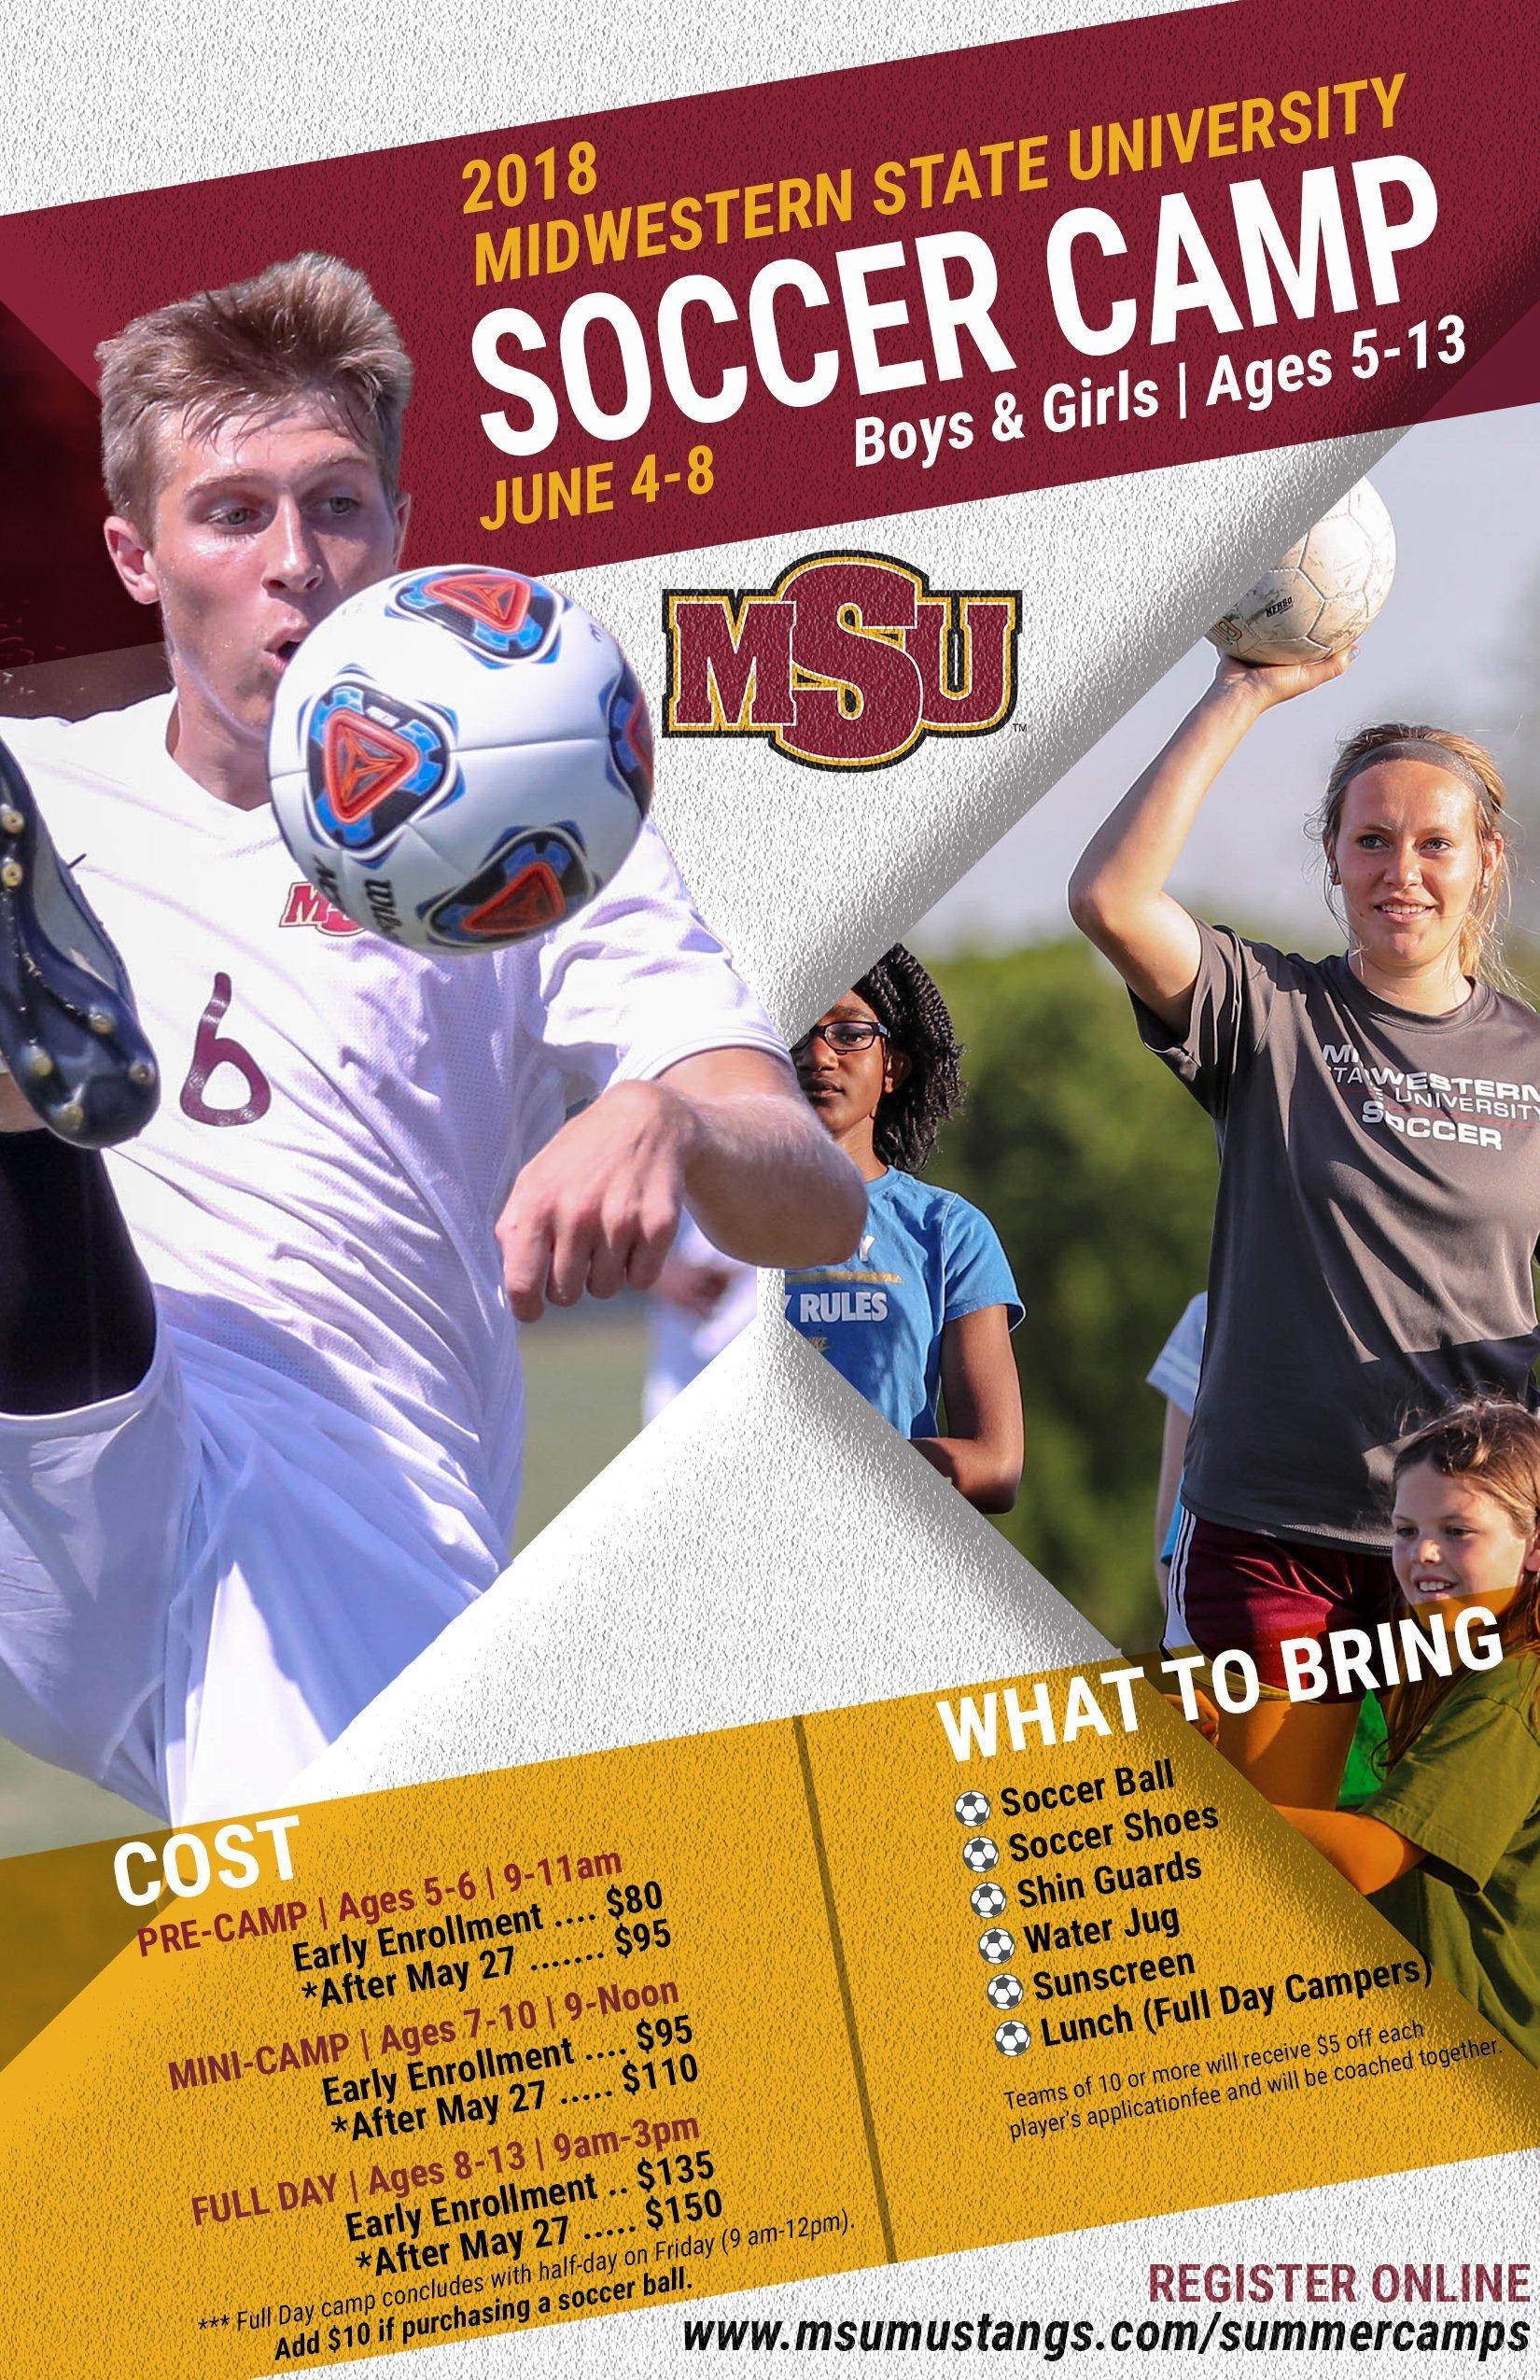 MSU Soccer Camp 2018